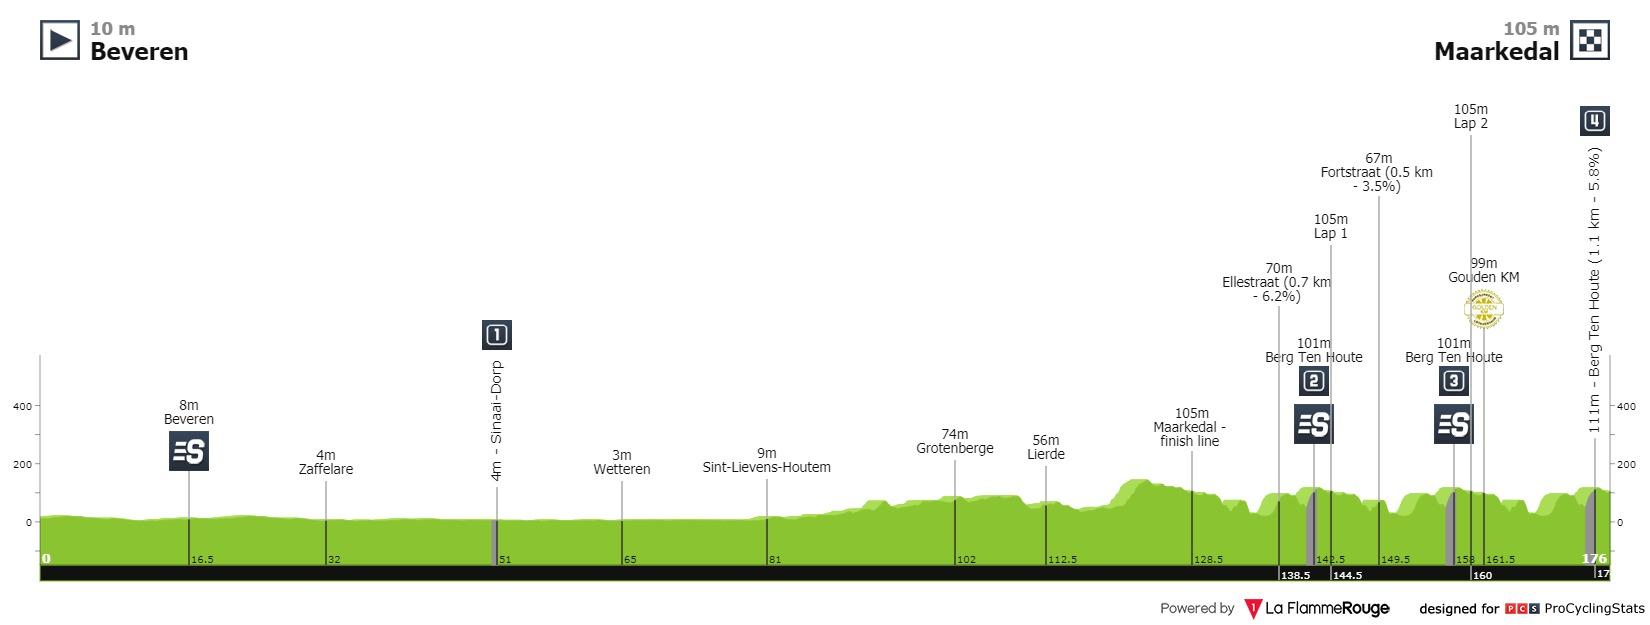 [Immagine: tour-of-belgium-2021-stage-1-profile-d03bc74fbc.jpg]